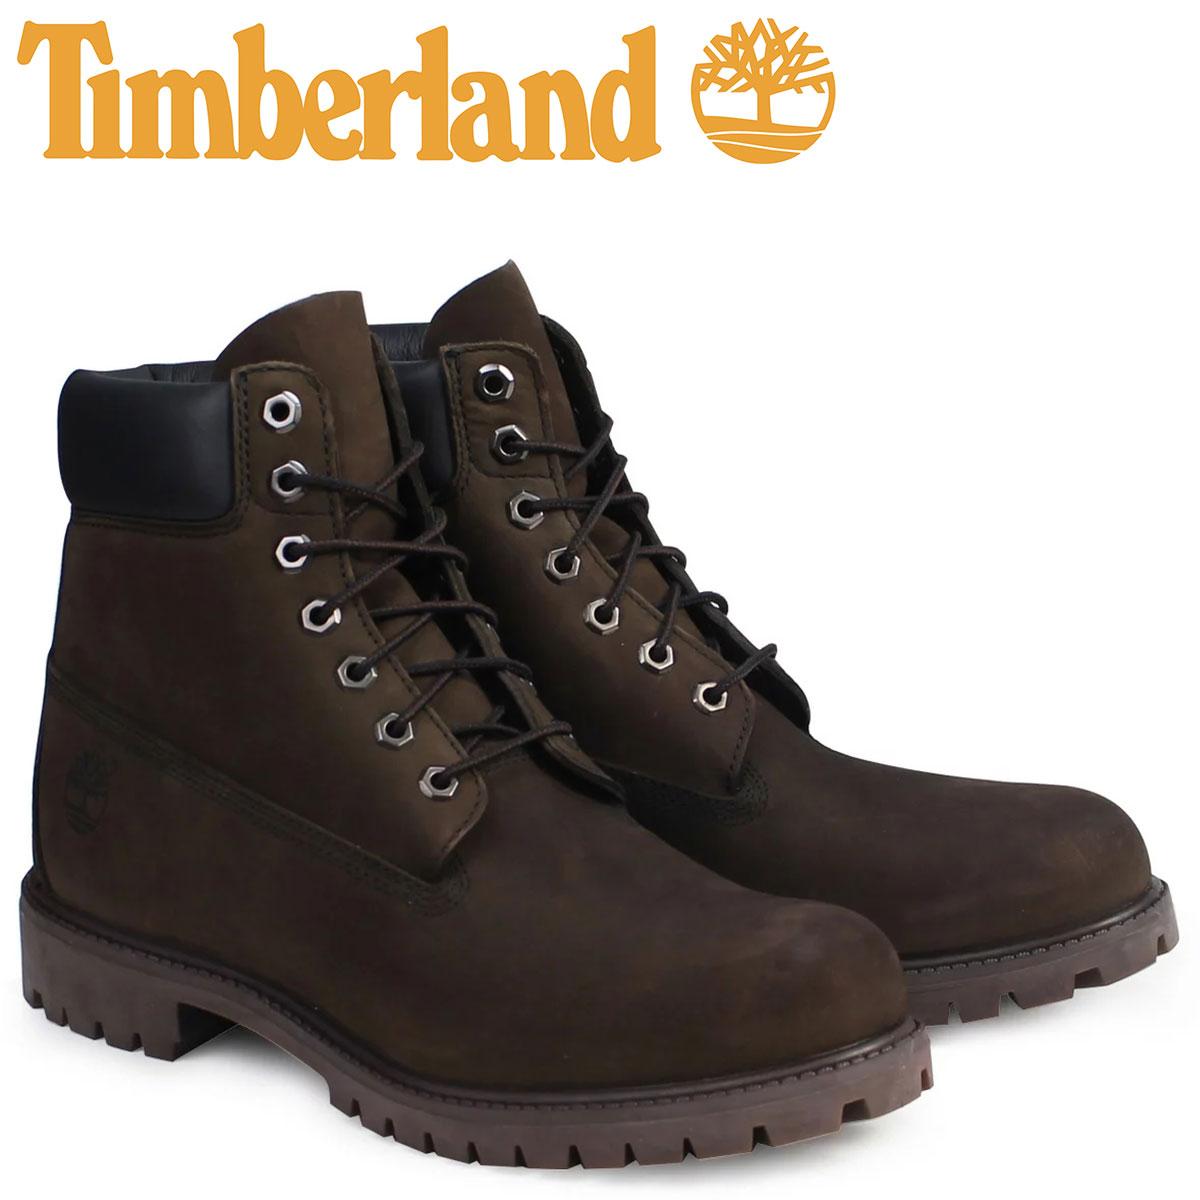 Timberland 6INCH PREMIUM WATERPROOF BOOTS ティンバーランド ブーツ メンズ 6インチ プレミアム ウォータープルーフ ヌバック 防水 10001 ダークチョコレート [187]